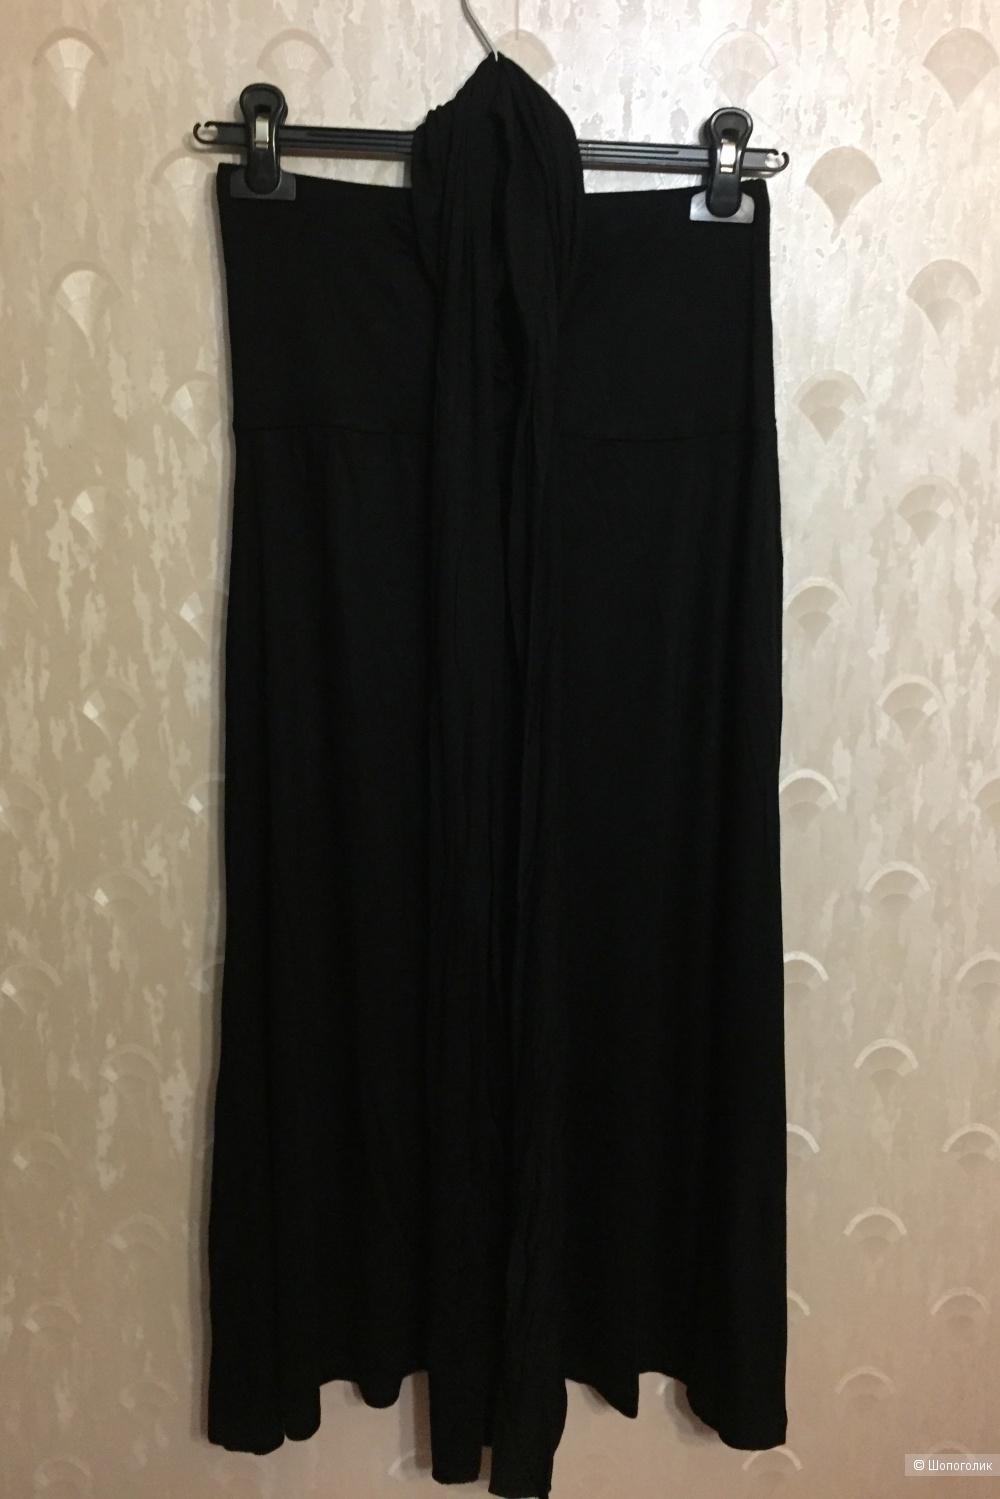 Пляжное платье-трансформер Sea Side by Tchibo, размер 44/46